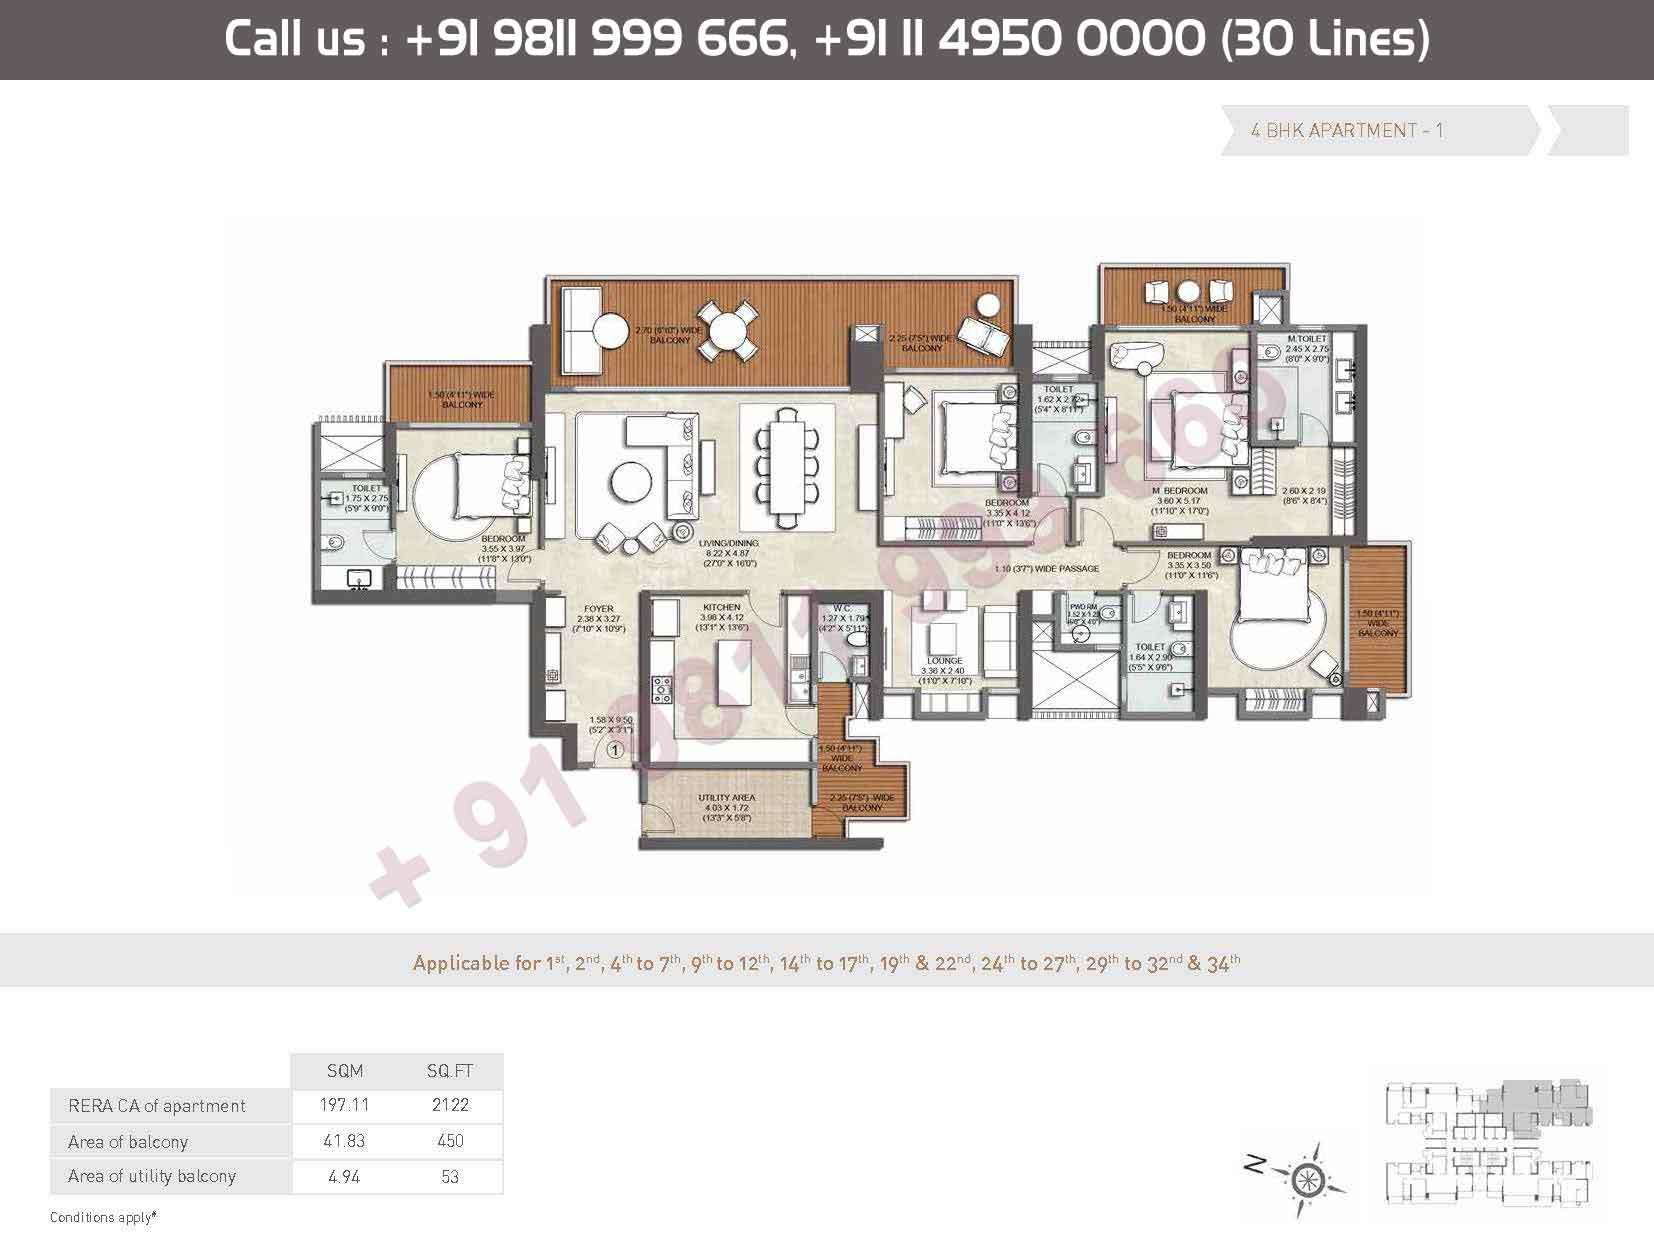 Apartment - 1 : 2122 Sq. Ft.